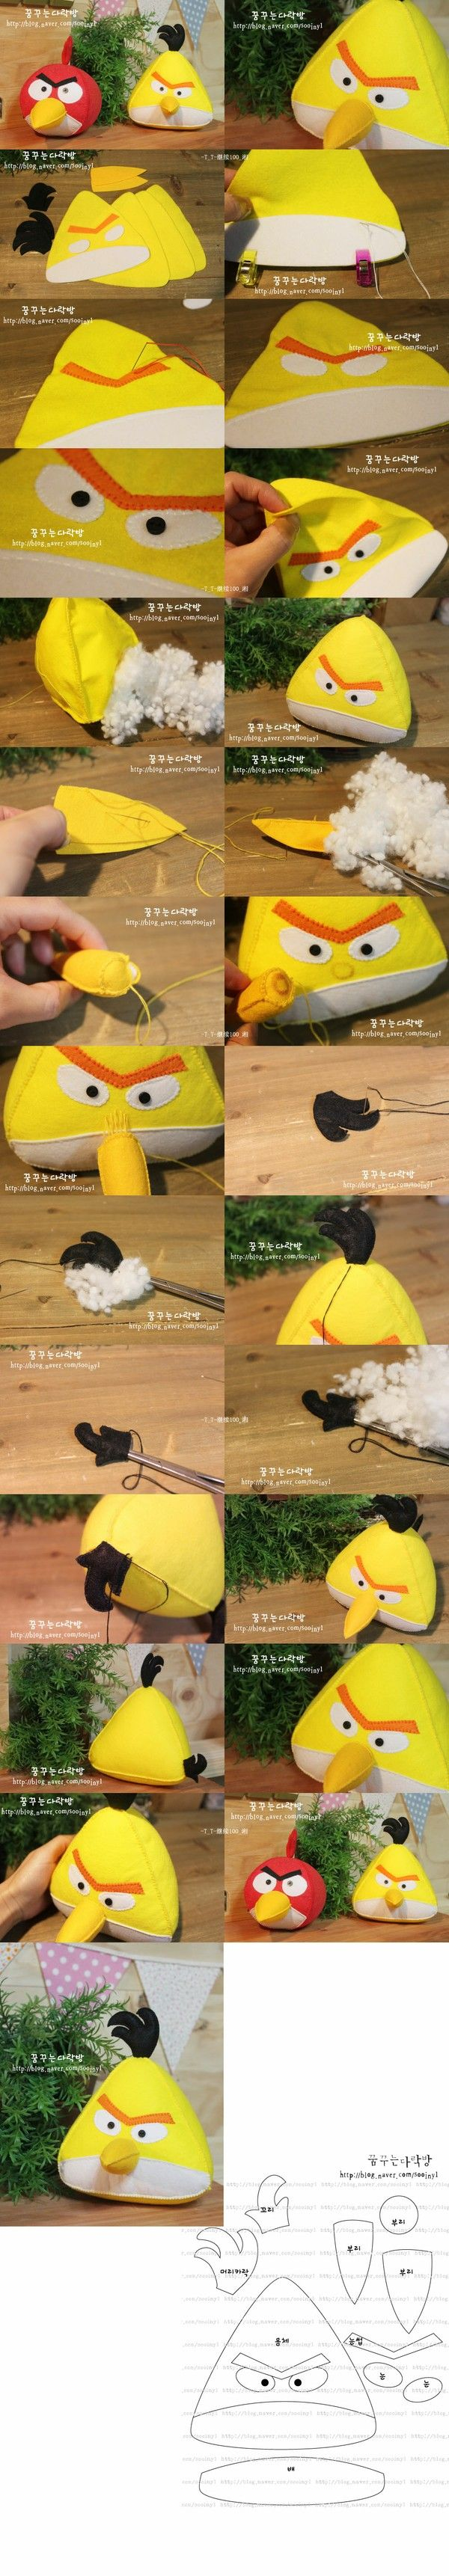 Angry Birds ~ juego no jugado Angry Birds ï ¿  ½ oído su nombre ï ¿  Varios Magical ï ¿½ no tejido  Ï ¿½ Angry Birds artículos de muñecas  ½ pájaro amarillo ~ 6-3 (viento amarillo)